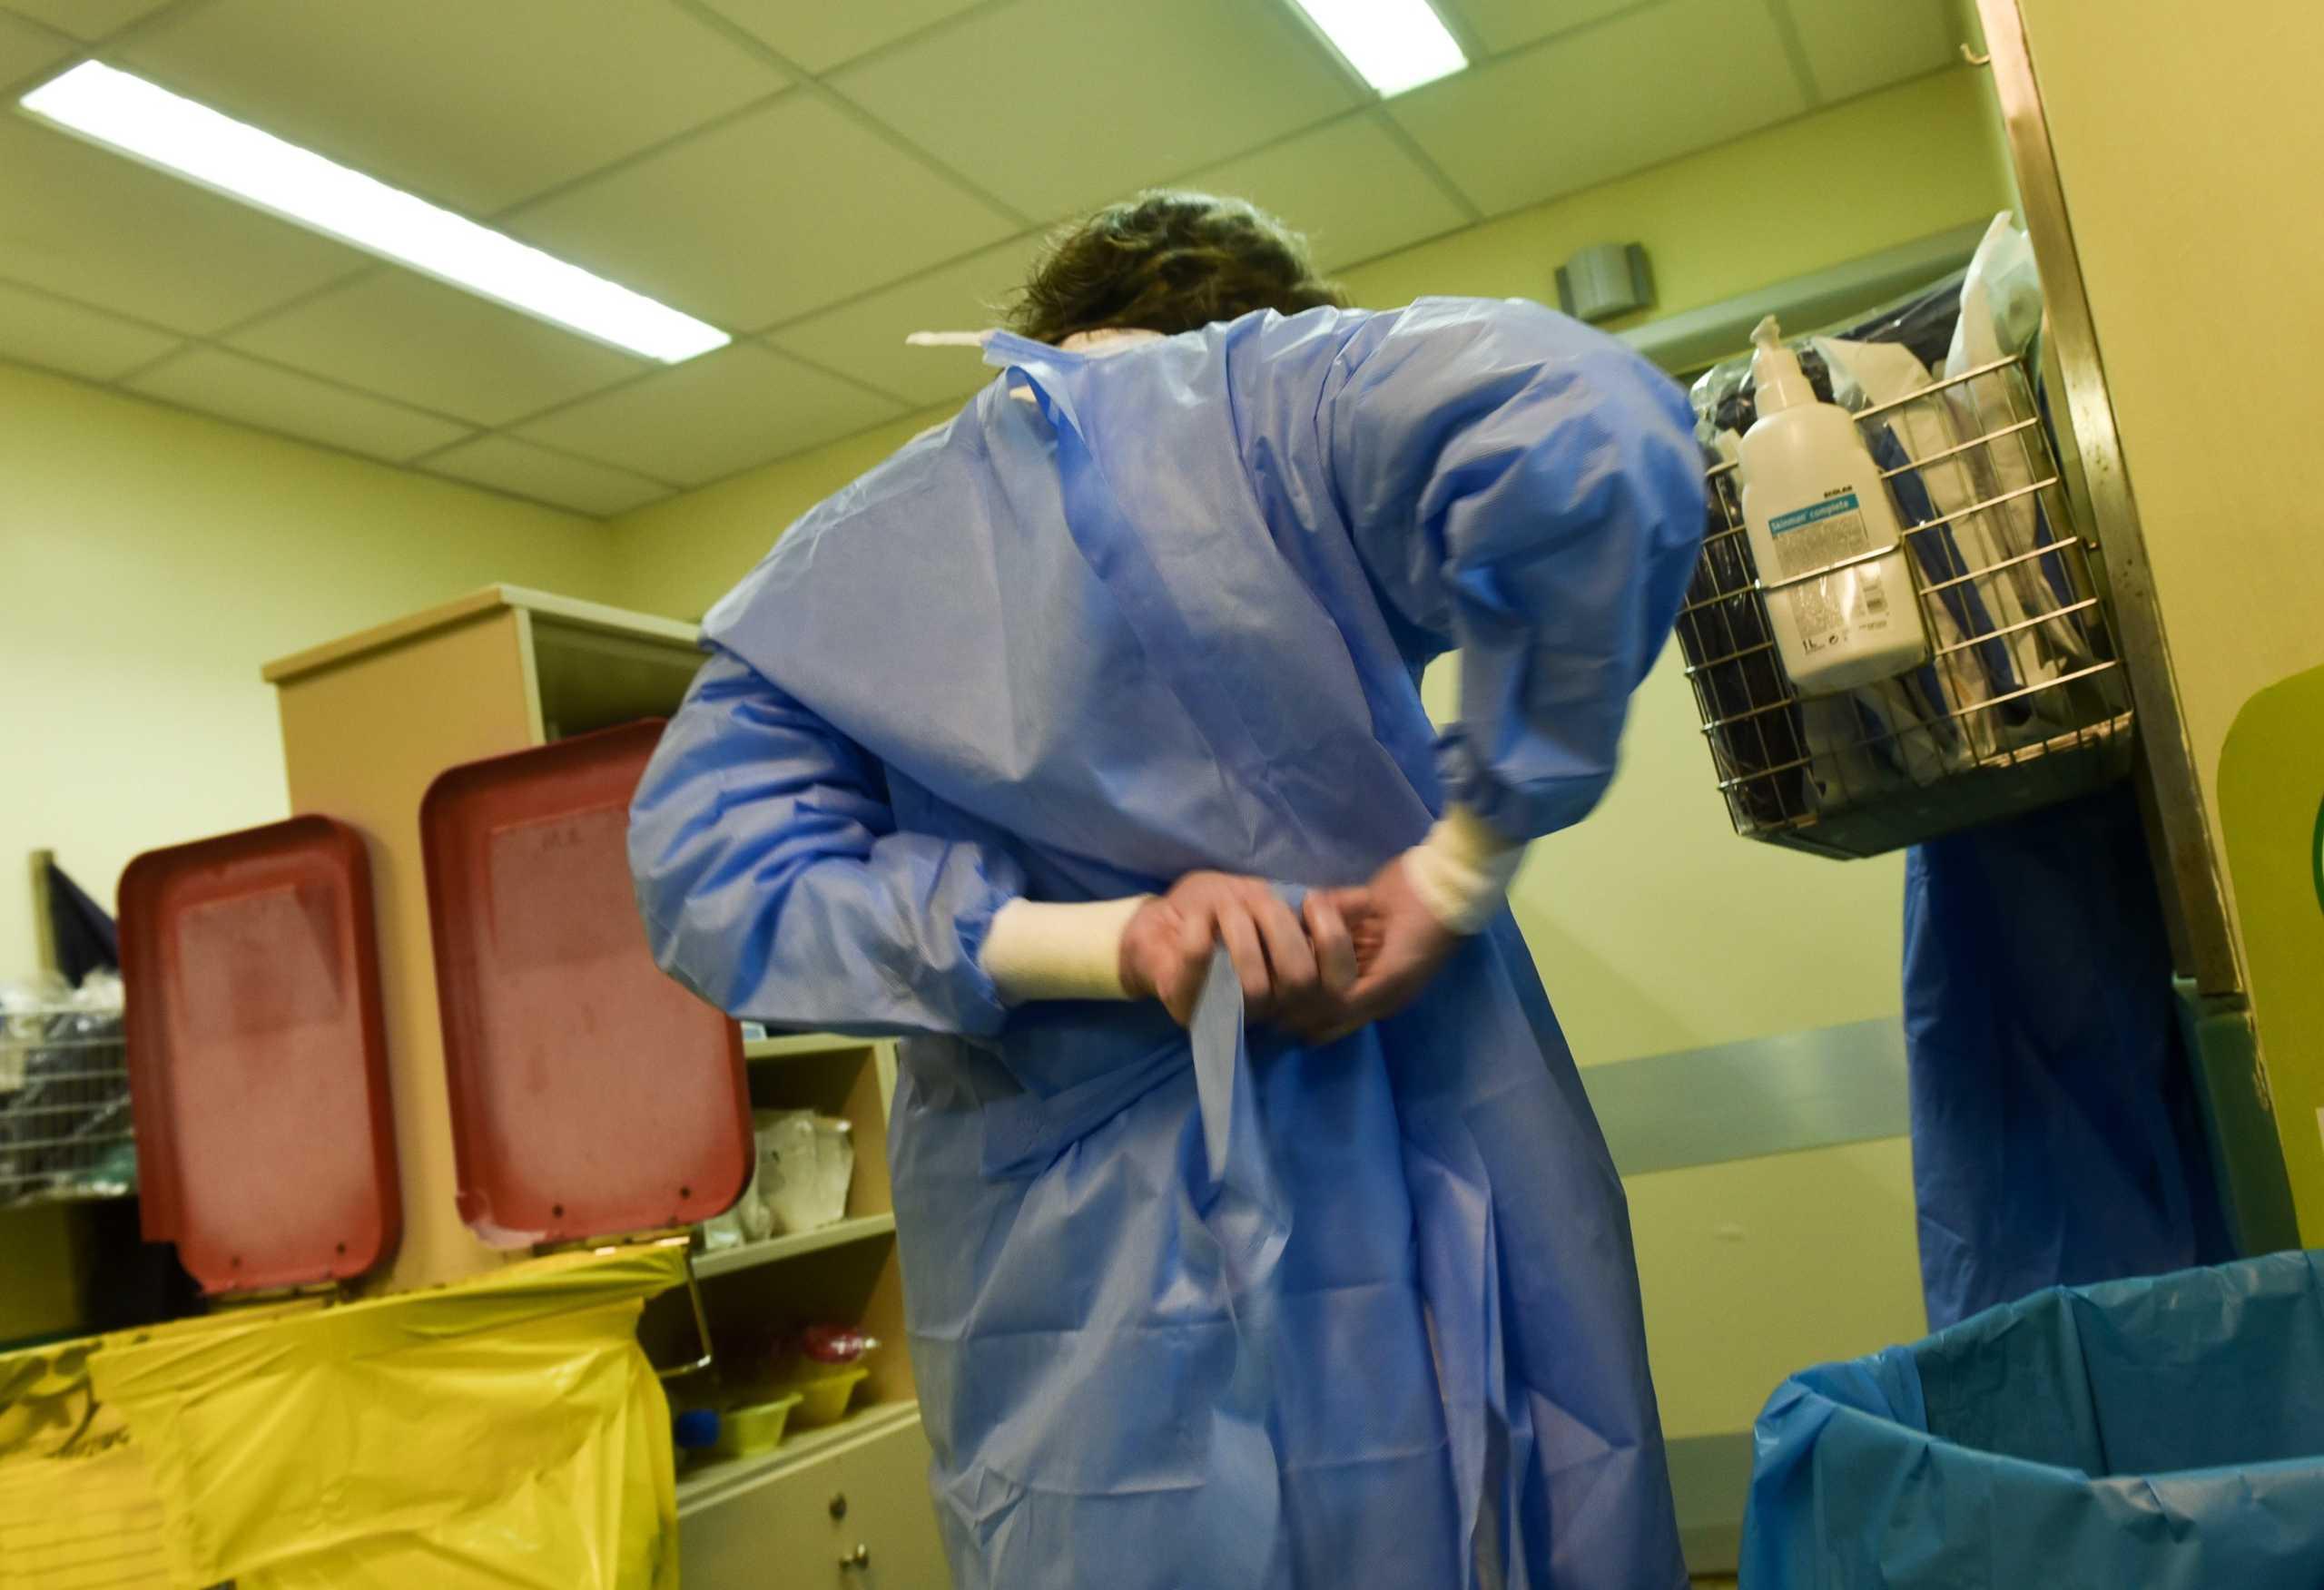 """Ίδρυμα Σταύρος Νιάρχος: """"Ευχαριστώ"""" με μπόνους 6,9 εκατ. ευρώ στους εργαζομένους των νοσοκομείων αναφοράς"""